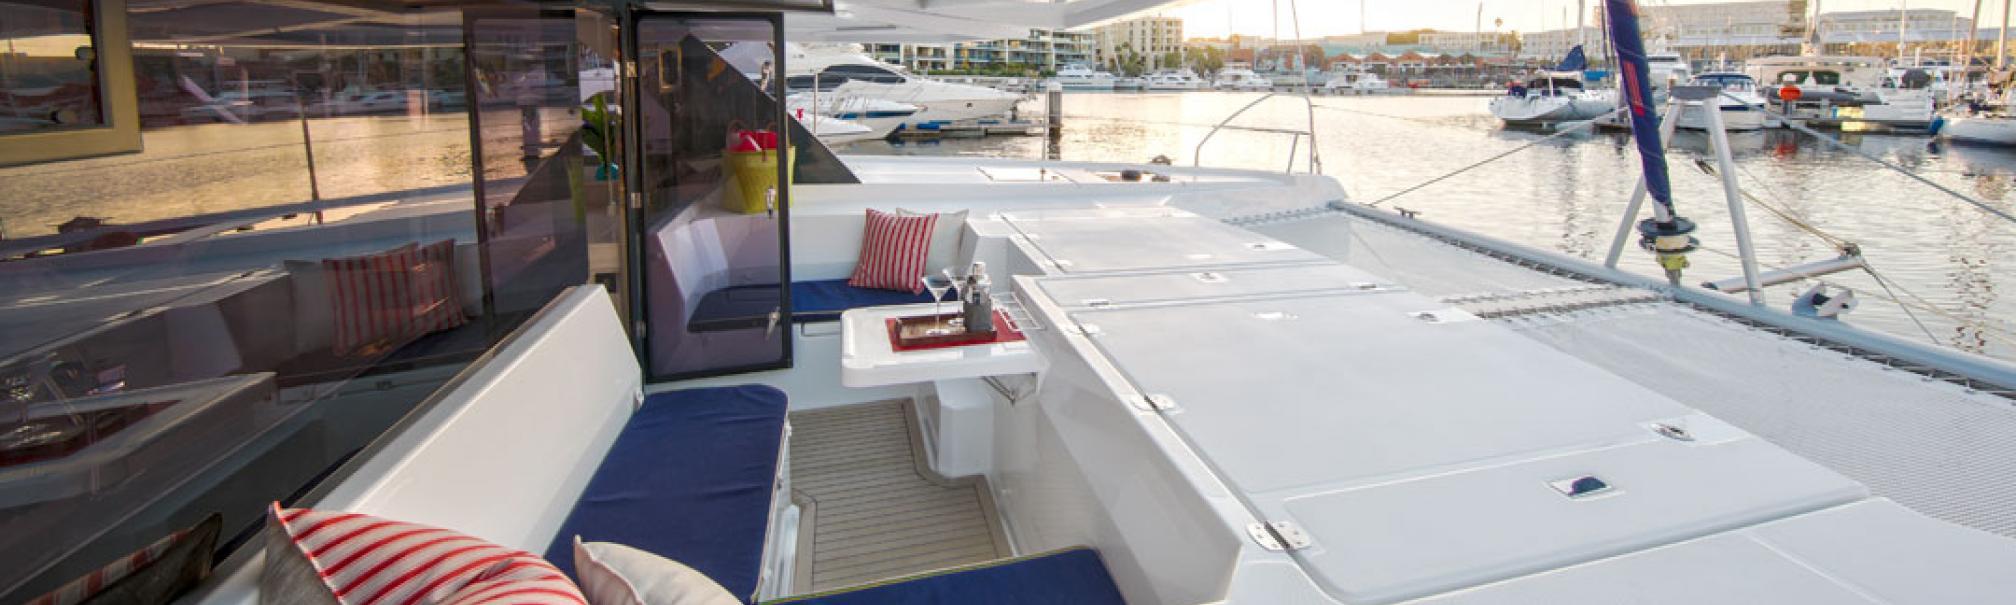 Leopard catamaran